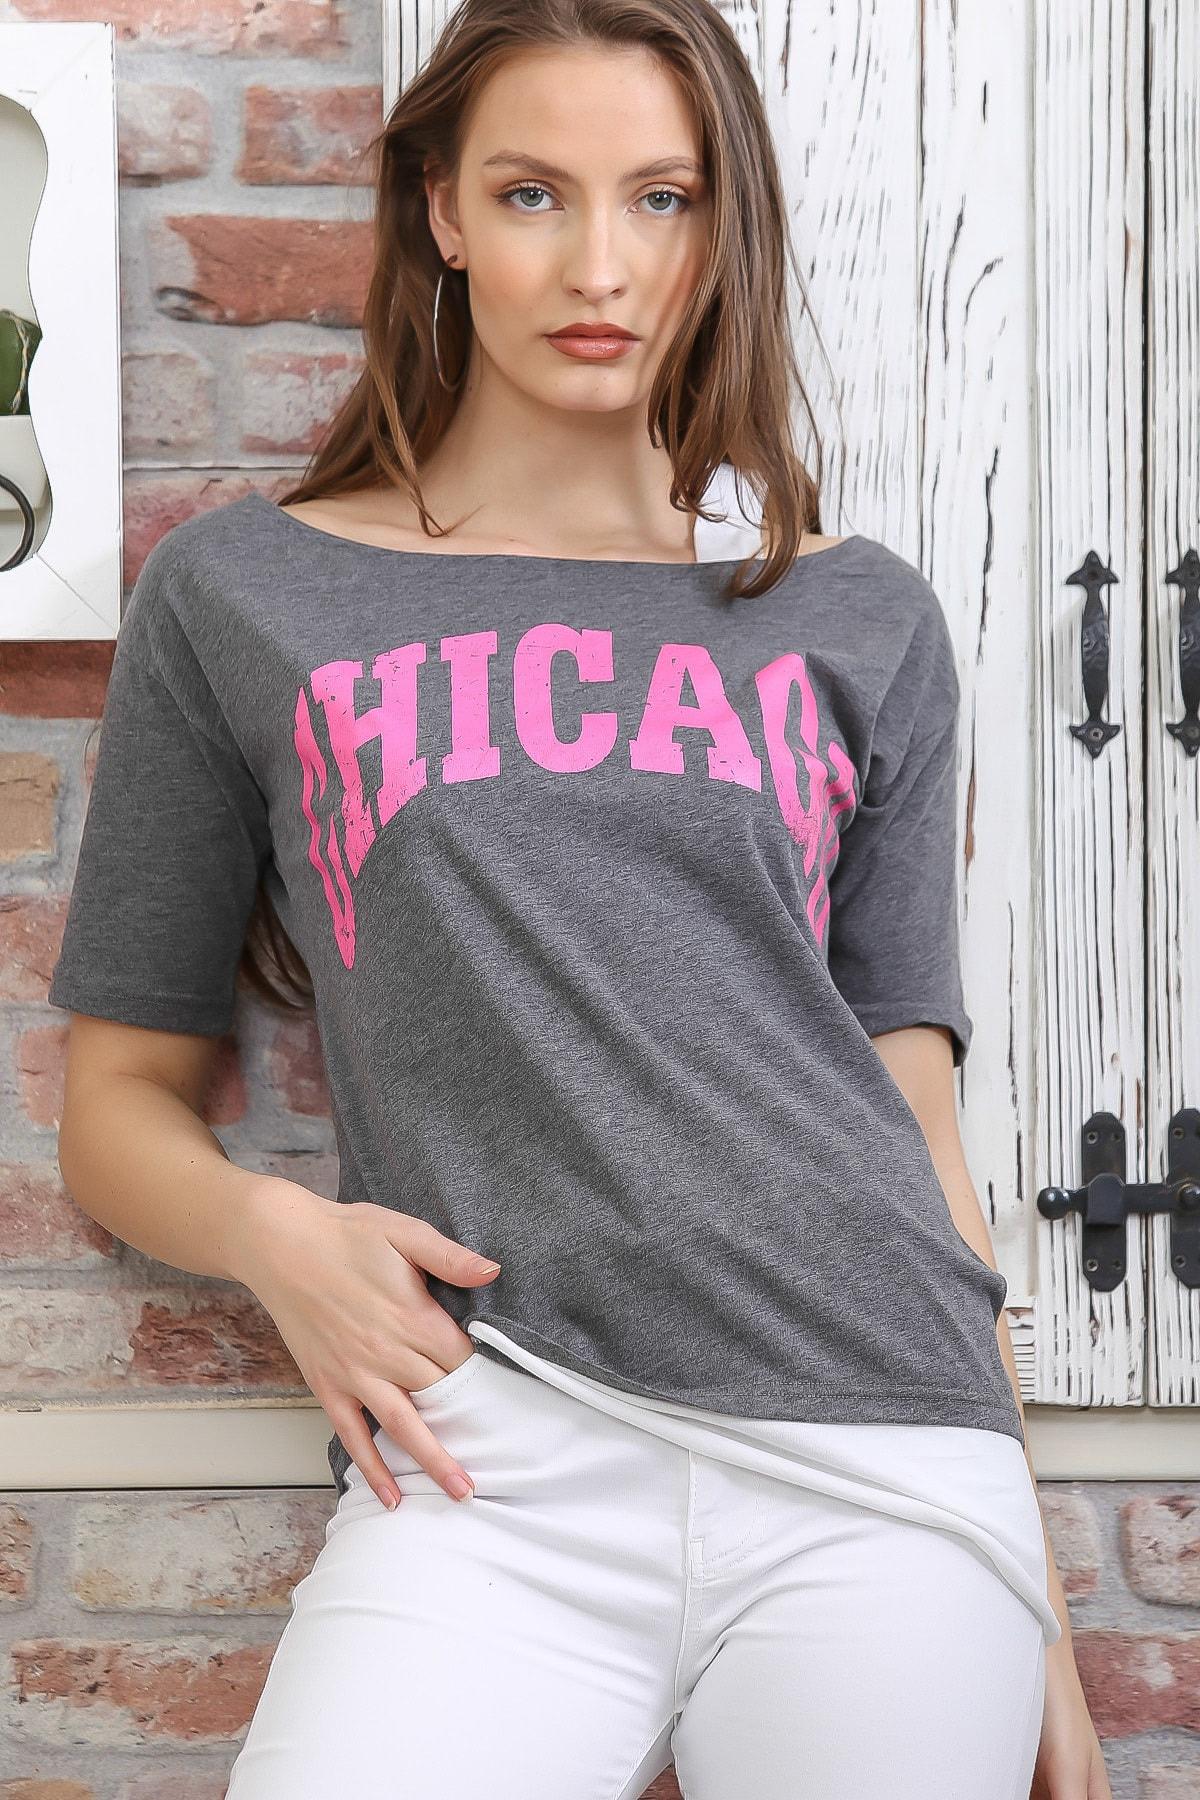 Chiccy Kadın Gri Chıcago Baskılı Tek Omuz Askılı Etek Ucu Bloklu T-Shirt M10010300TS98274